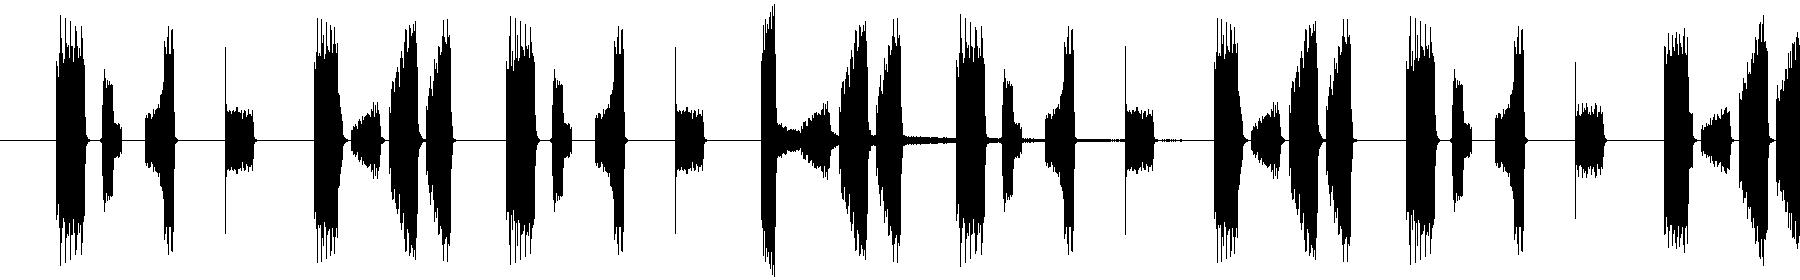 stern bassloop 120